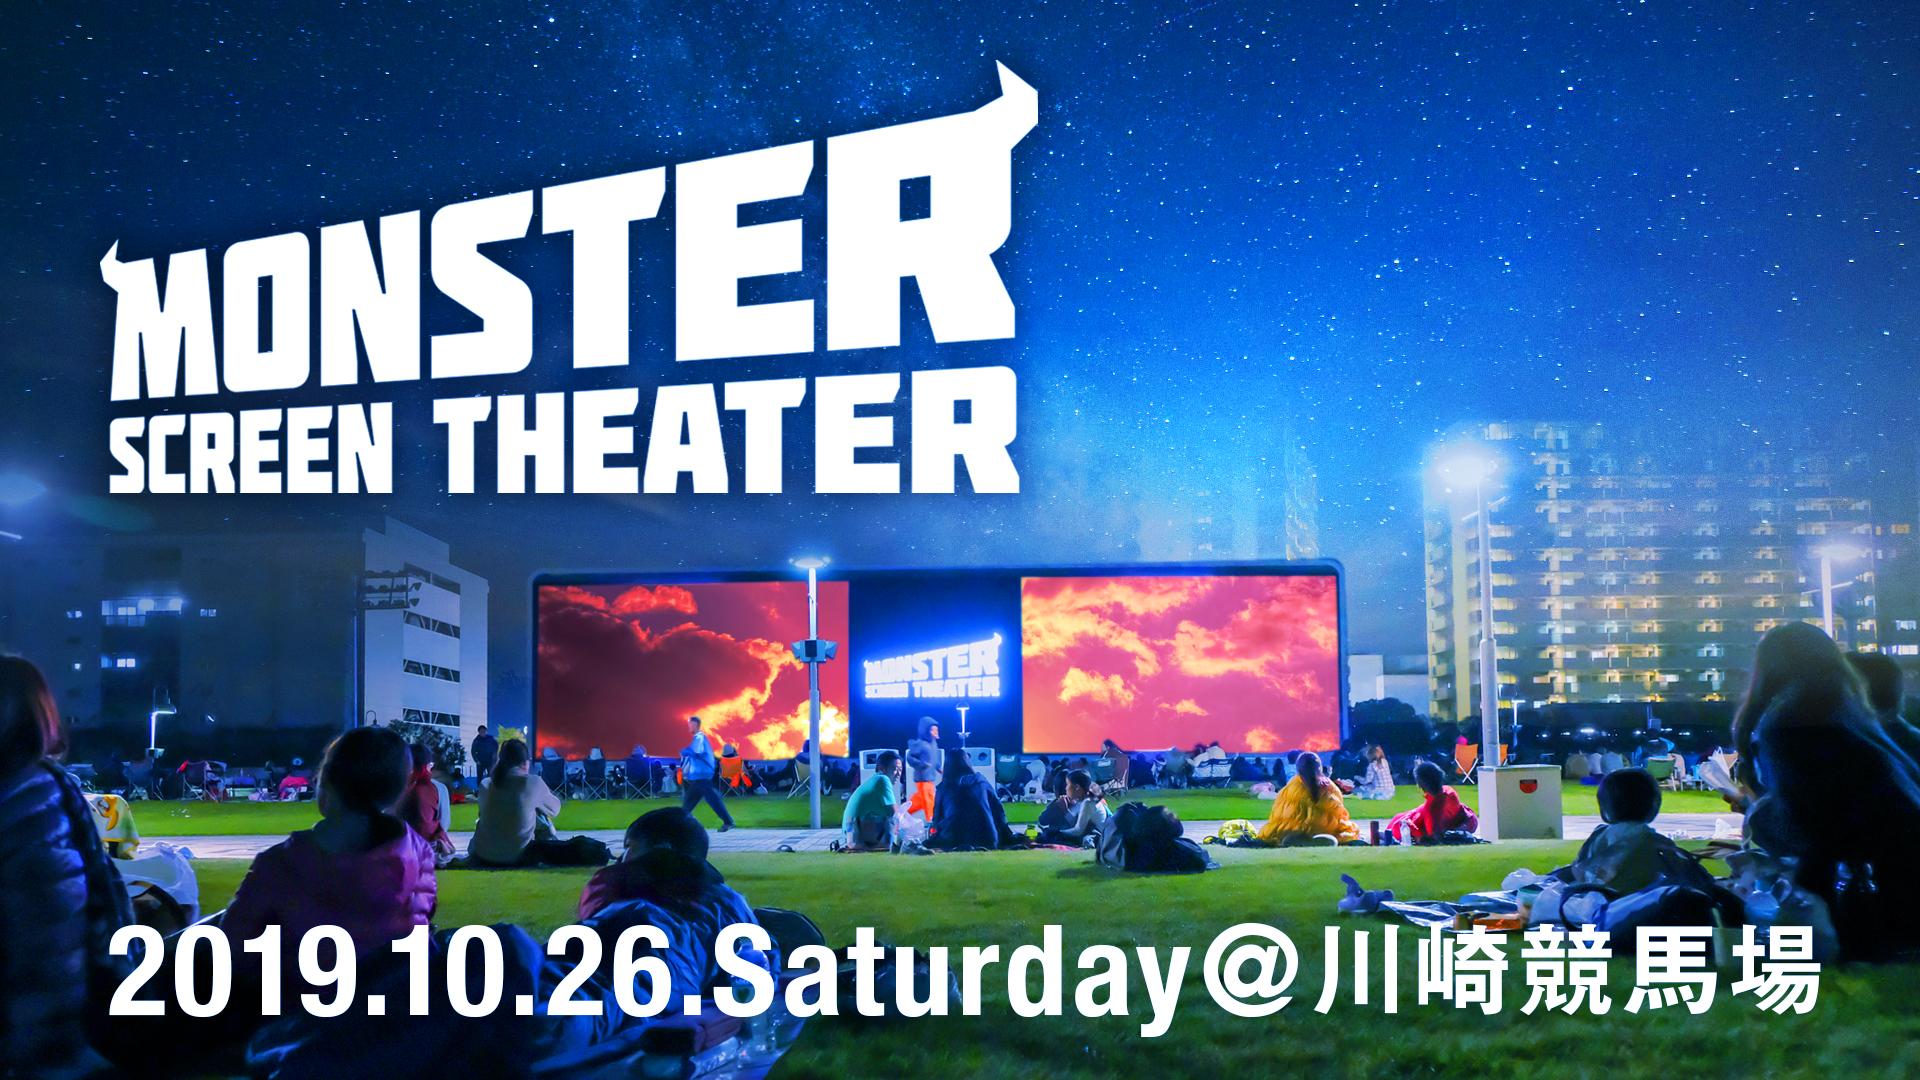 一日限りの野外映画館「モンスタースクリーンシアター」家族でごろごろ見られる@川崎競馬場芝生広場